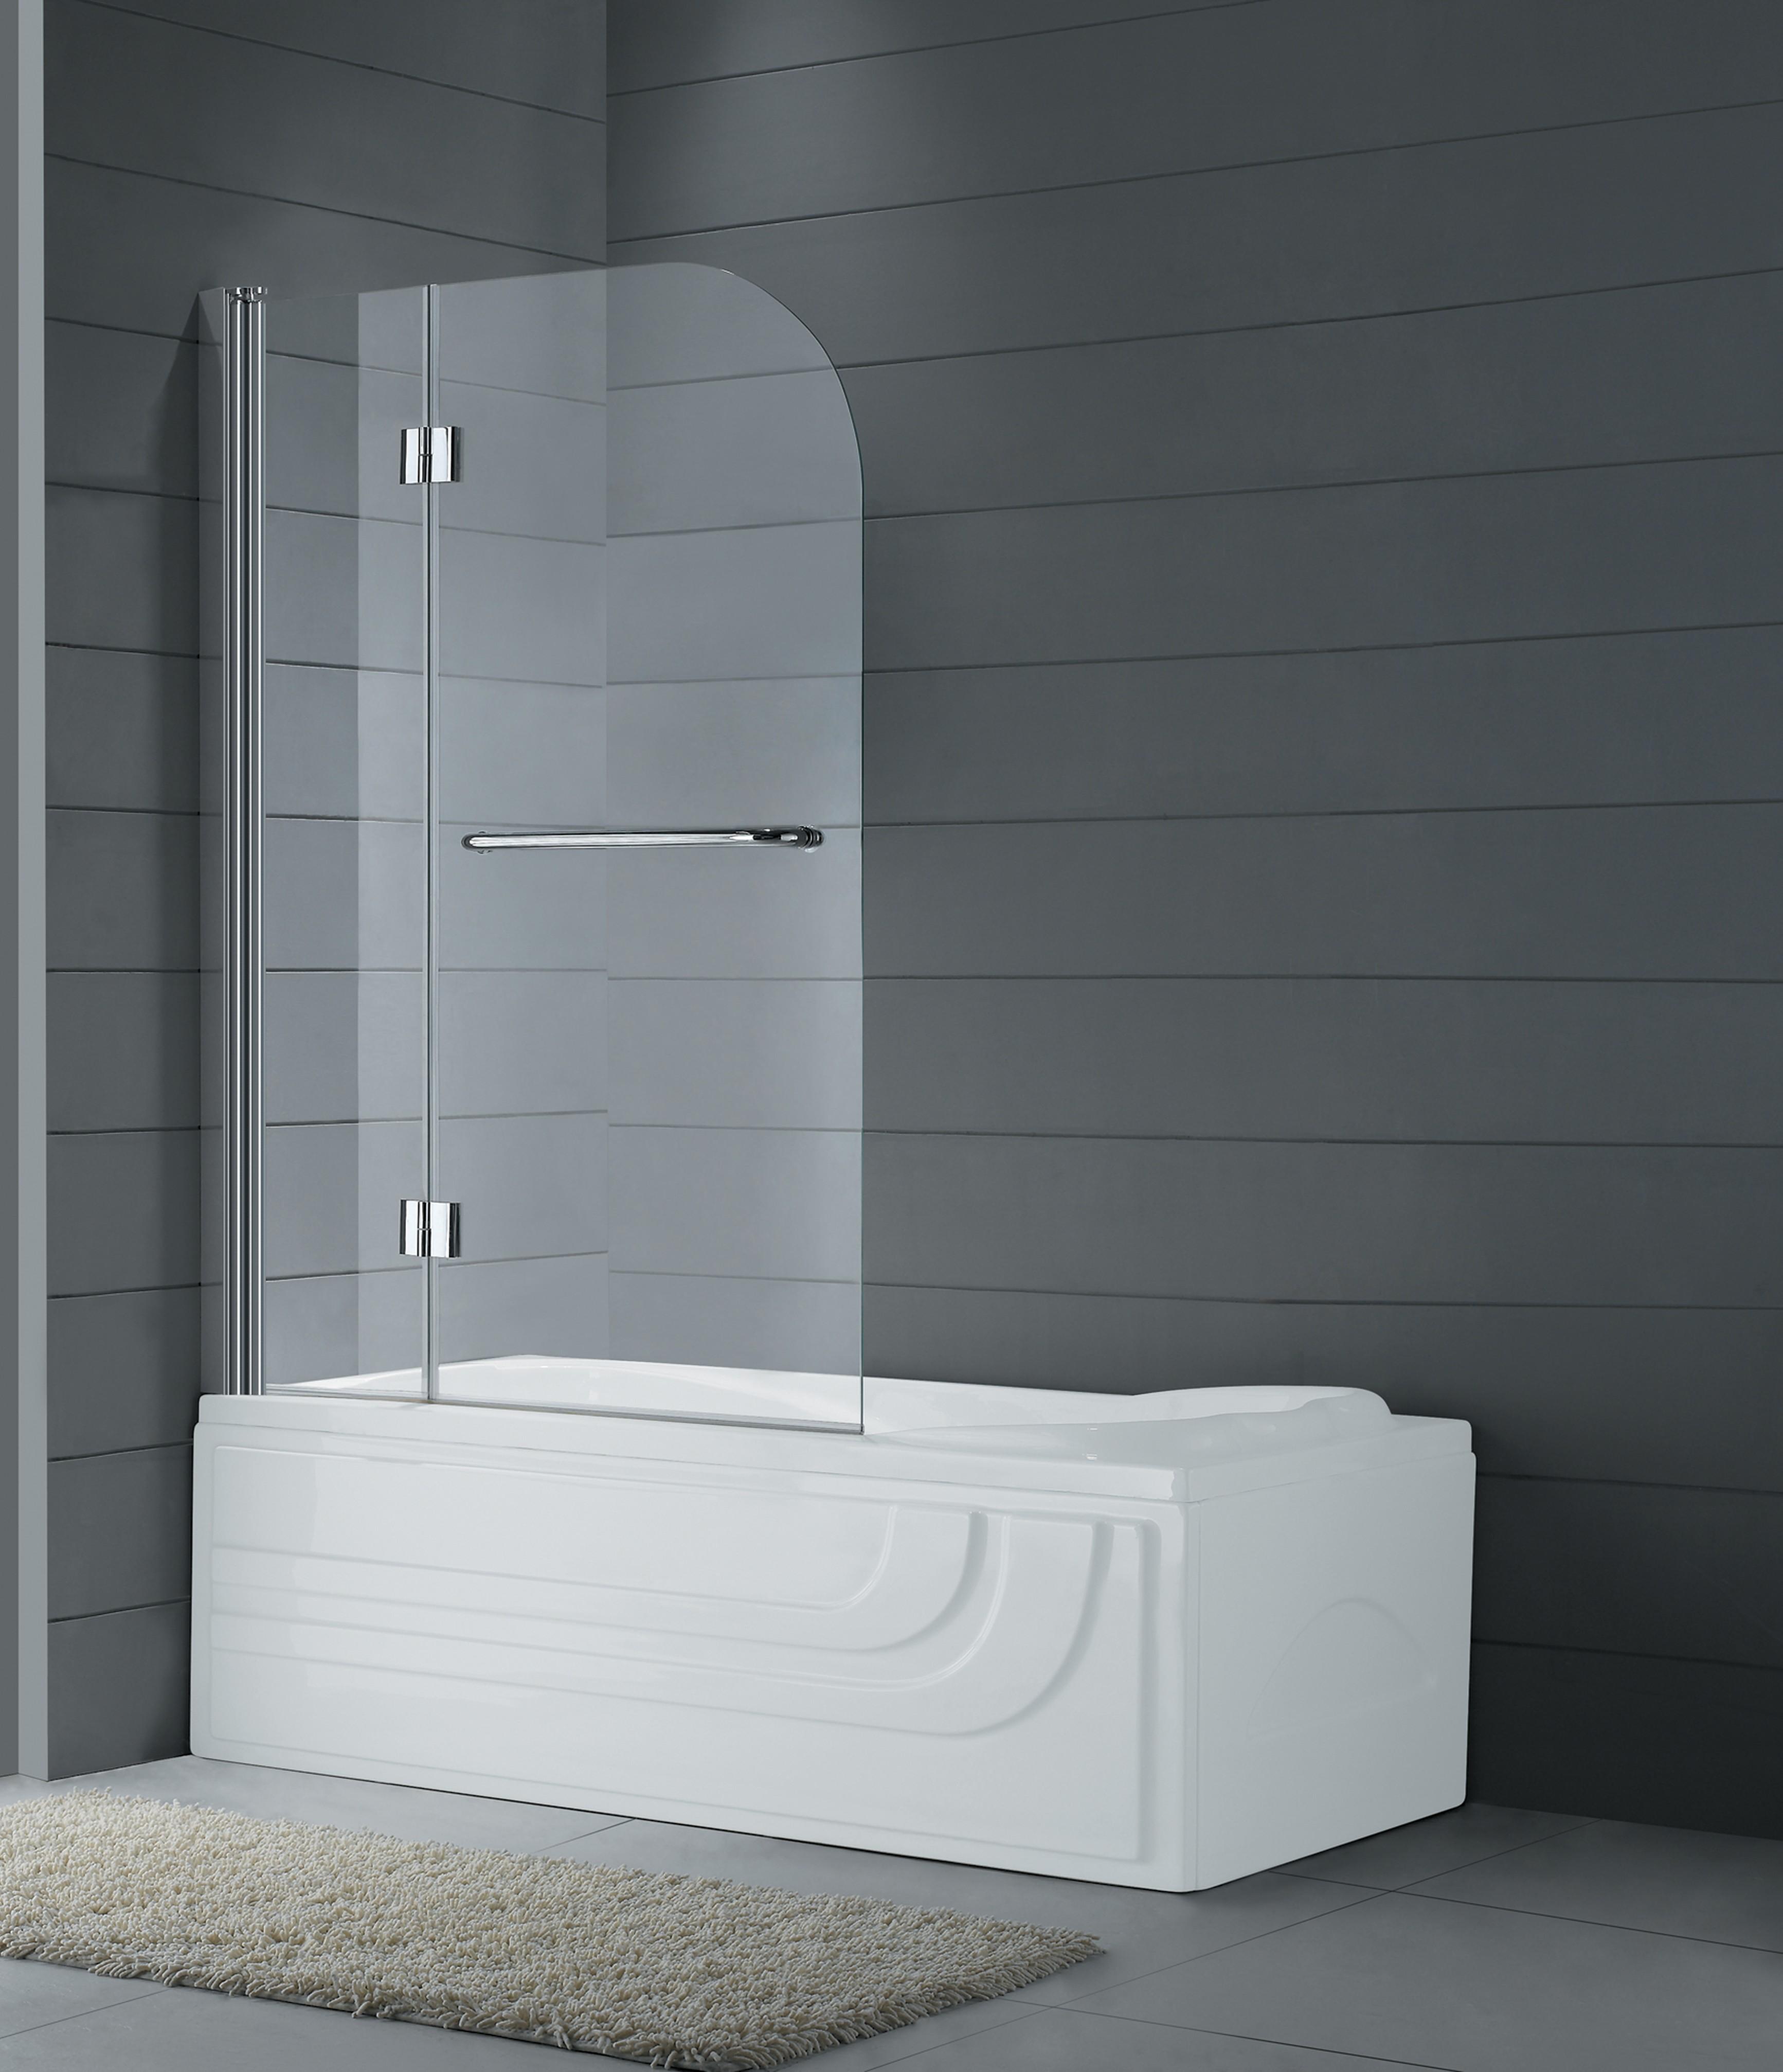 Gg2p fijo con puerta abatible mamparas de ba era - Puertas para el bano ...